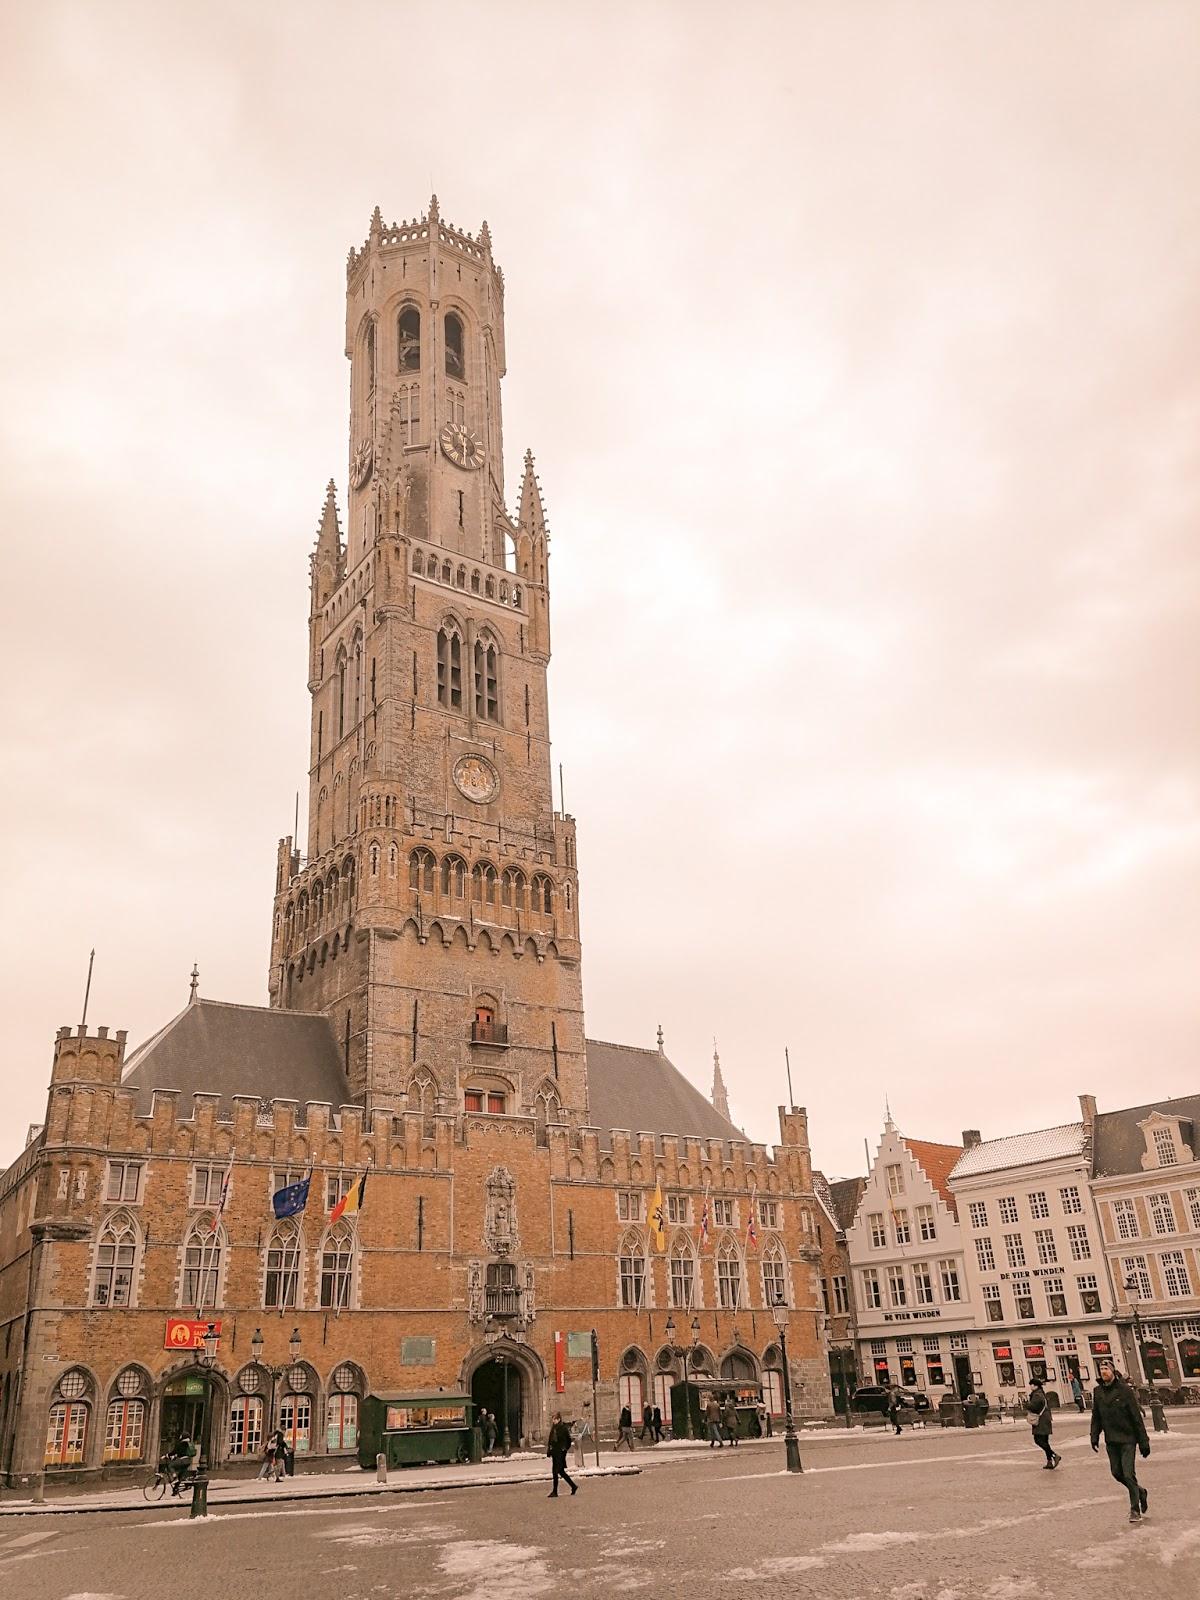 brujas-y-gante-24-horas-qué-ver-belgica